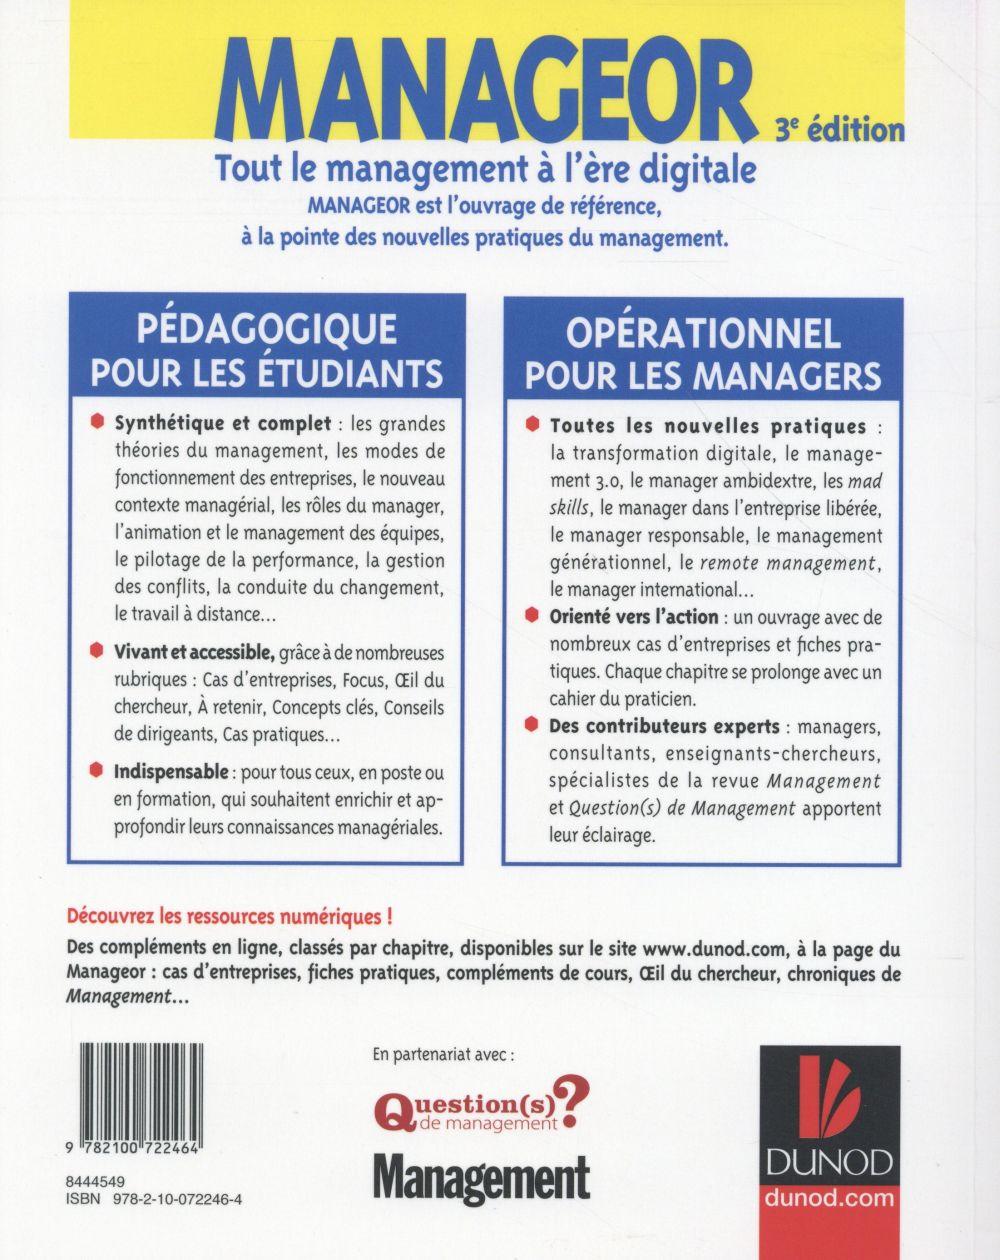 Manageor ; tout le management à l'ère digitale (3e édition)